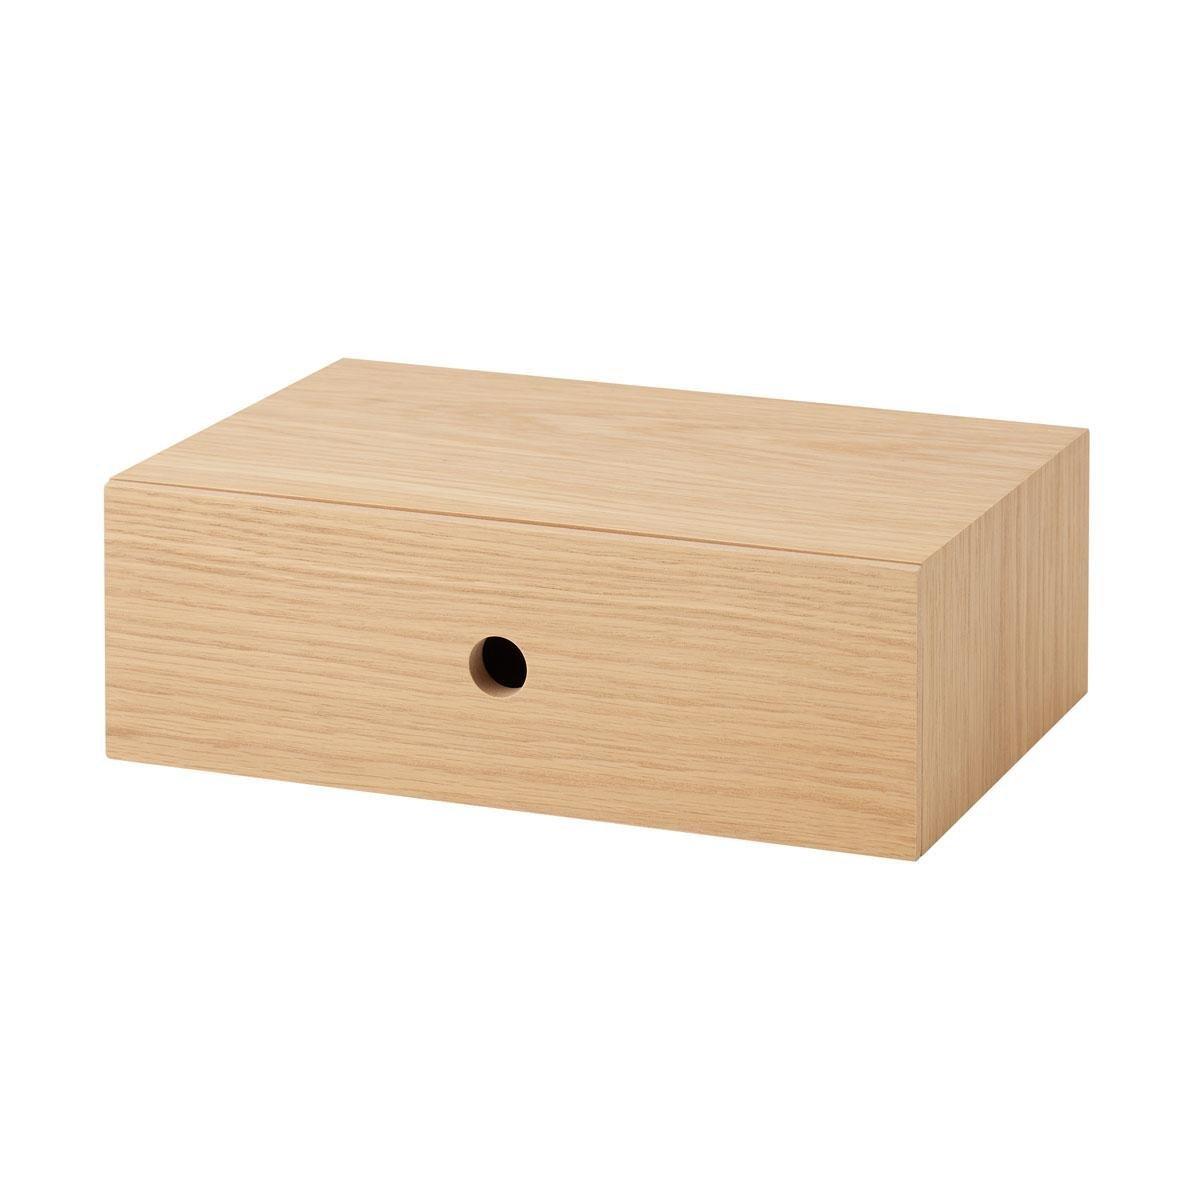 Wooden MDF 1 Drawer Storage